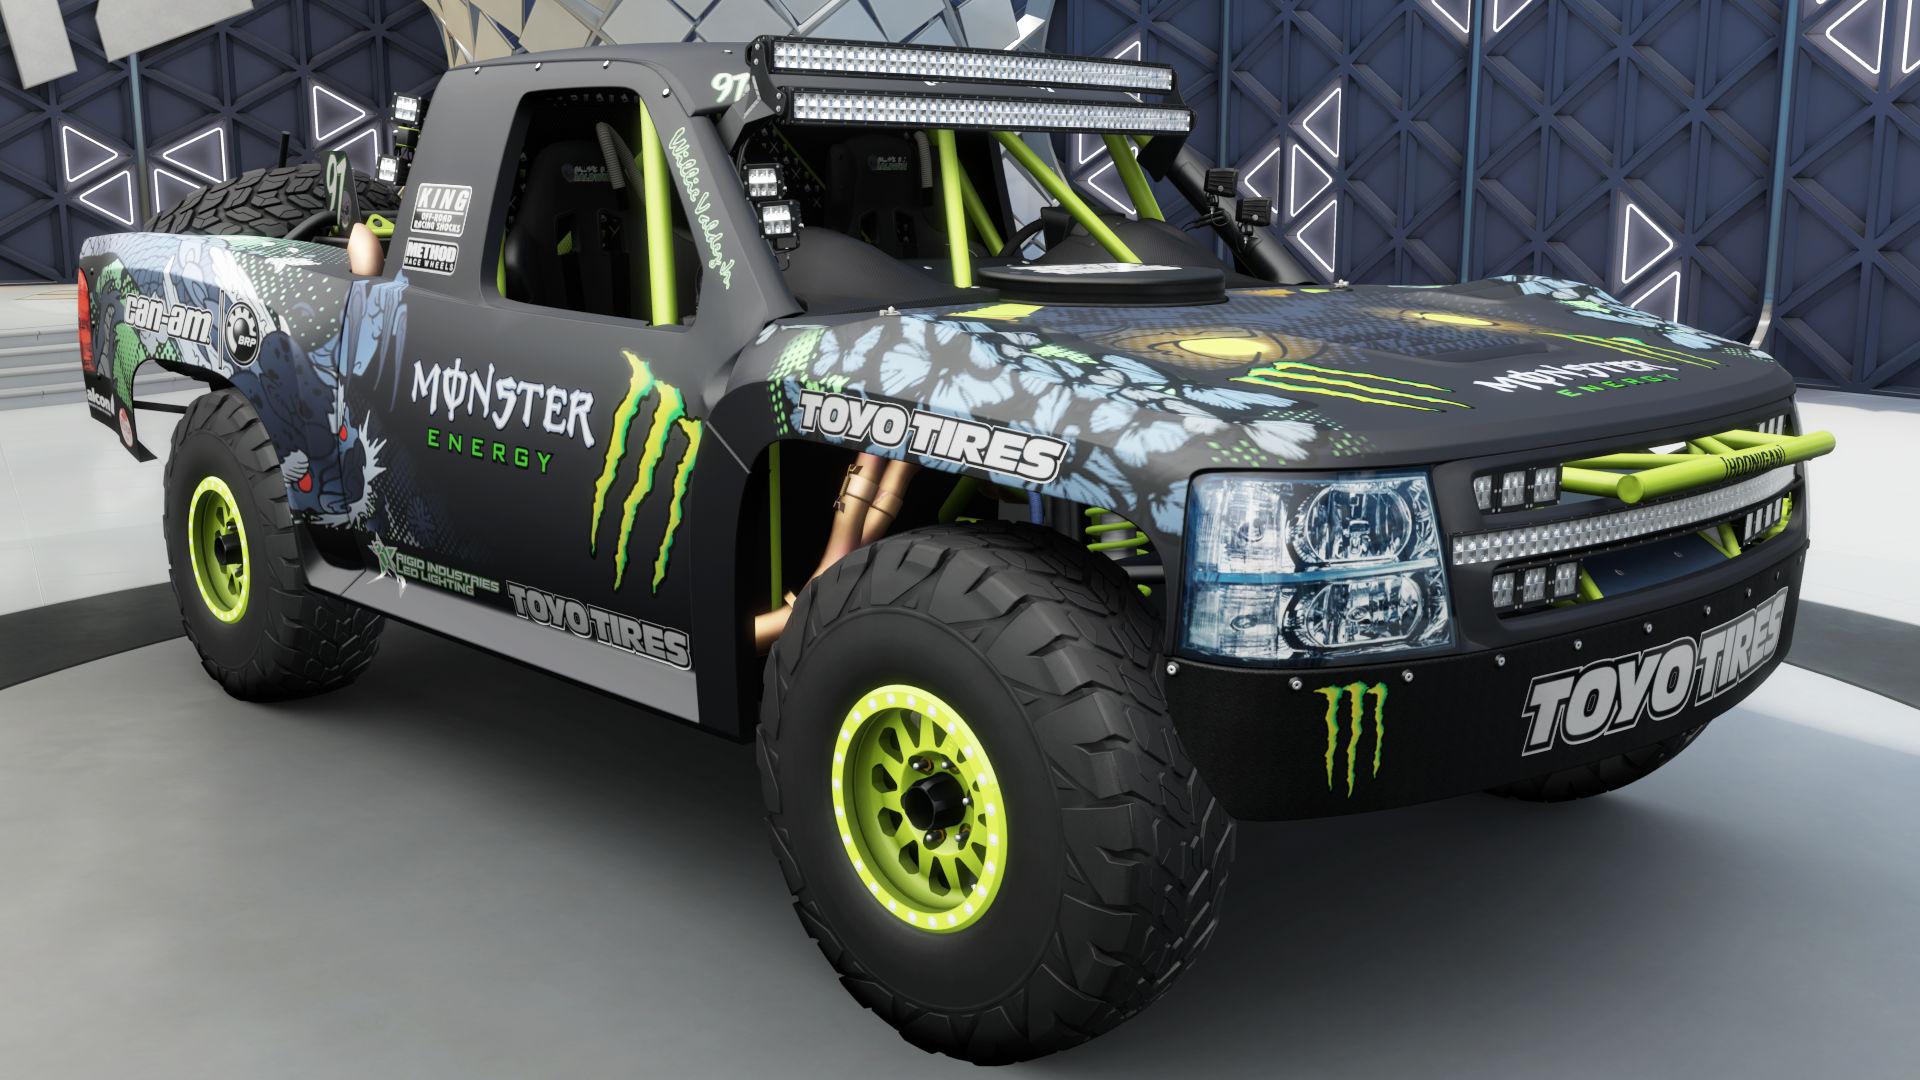 The 2015 Baldwin Motorsports #97 Monster Energy Trophy Truck In Forza  Horizon 3